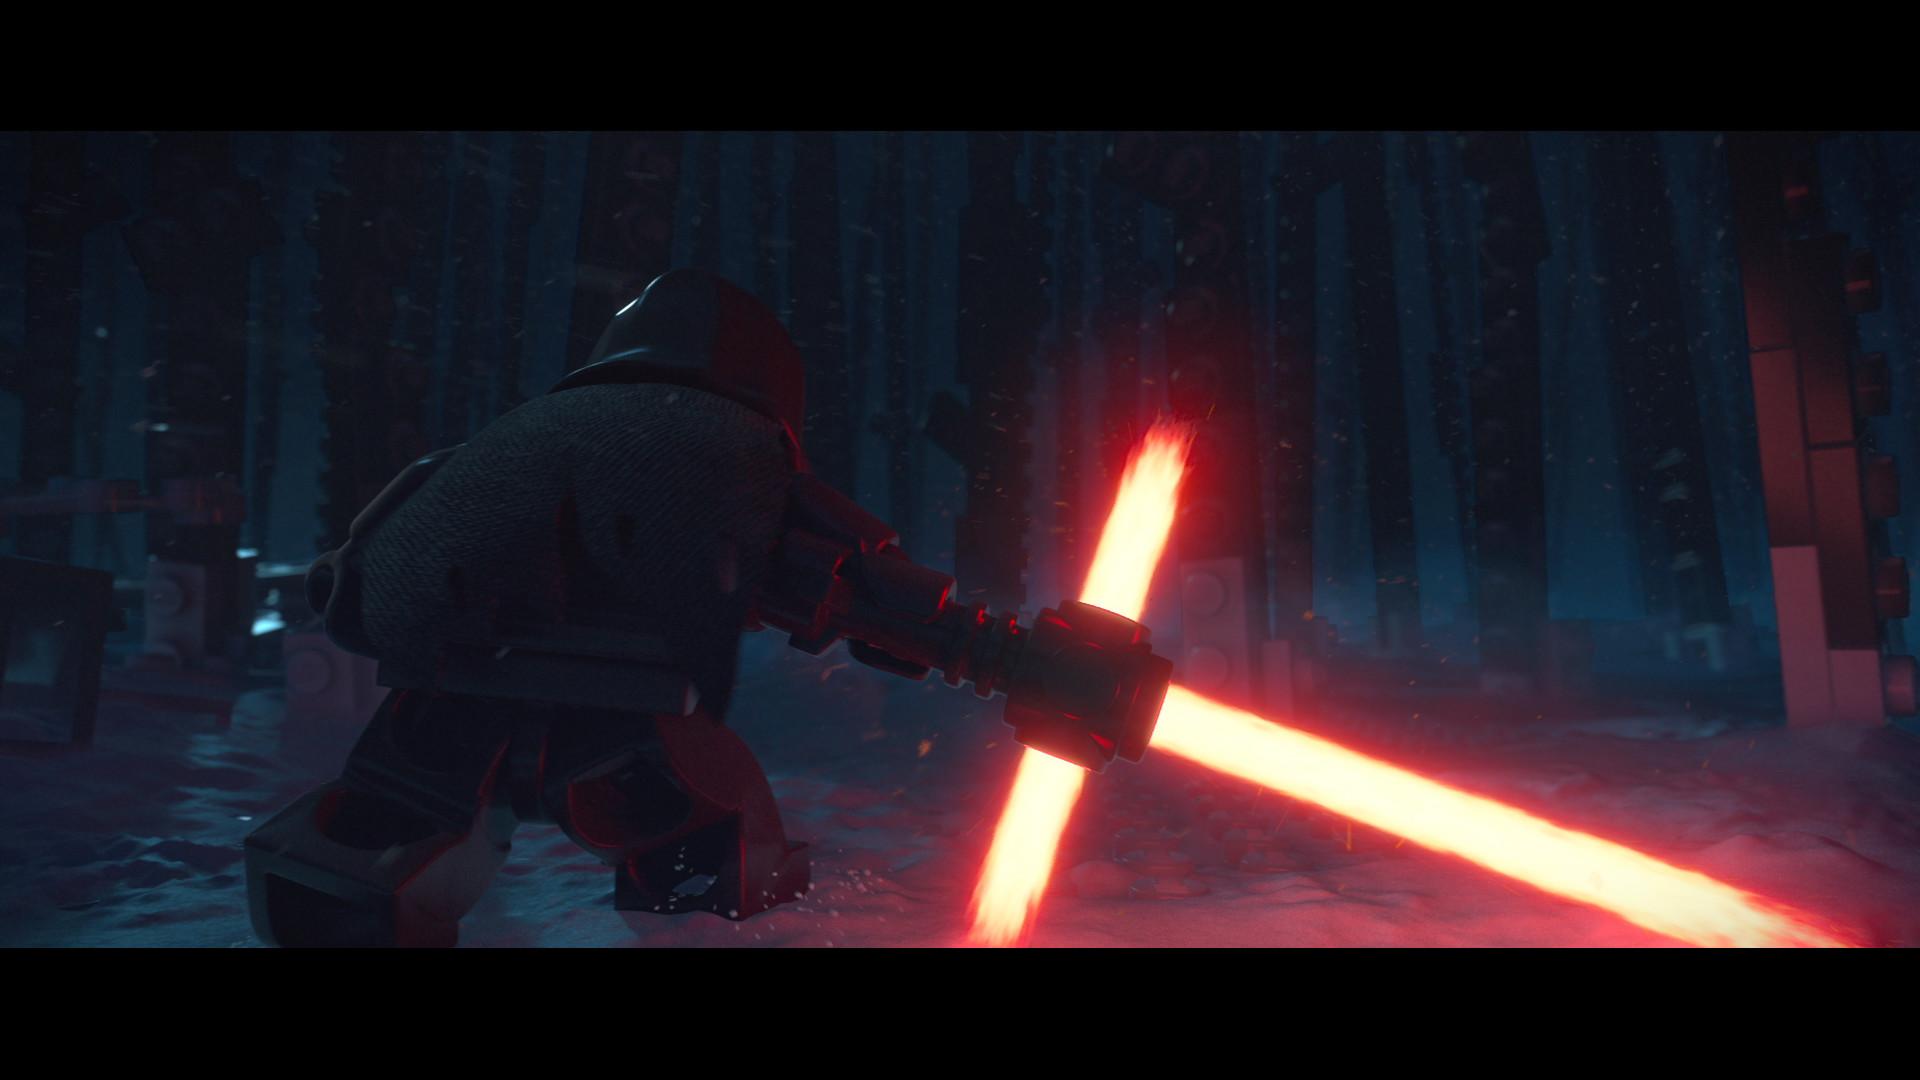 LEGO® STAR WARS™: The Force Awakens Fiyat Karşılaştırma